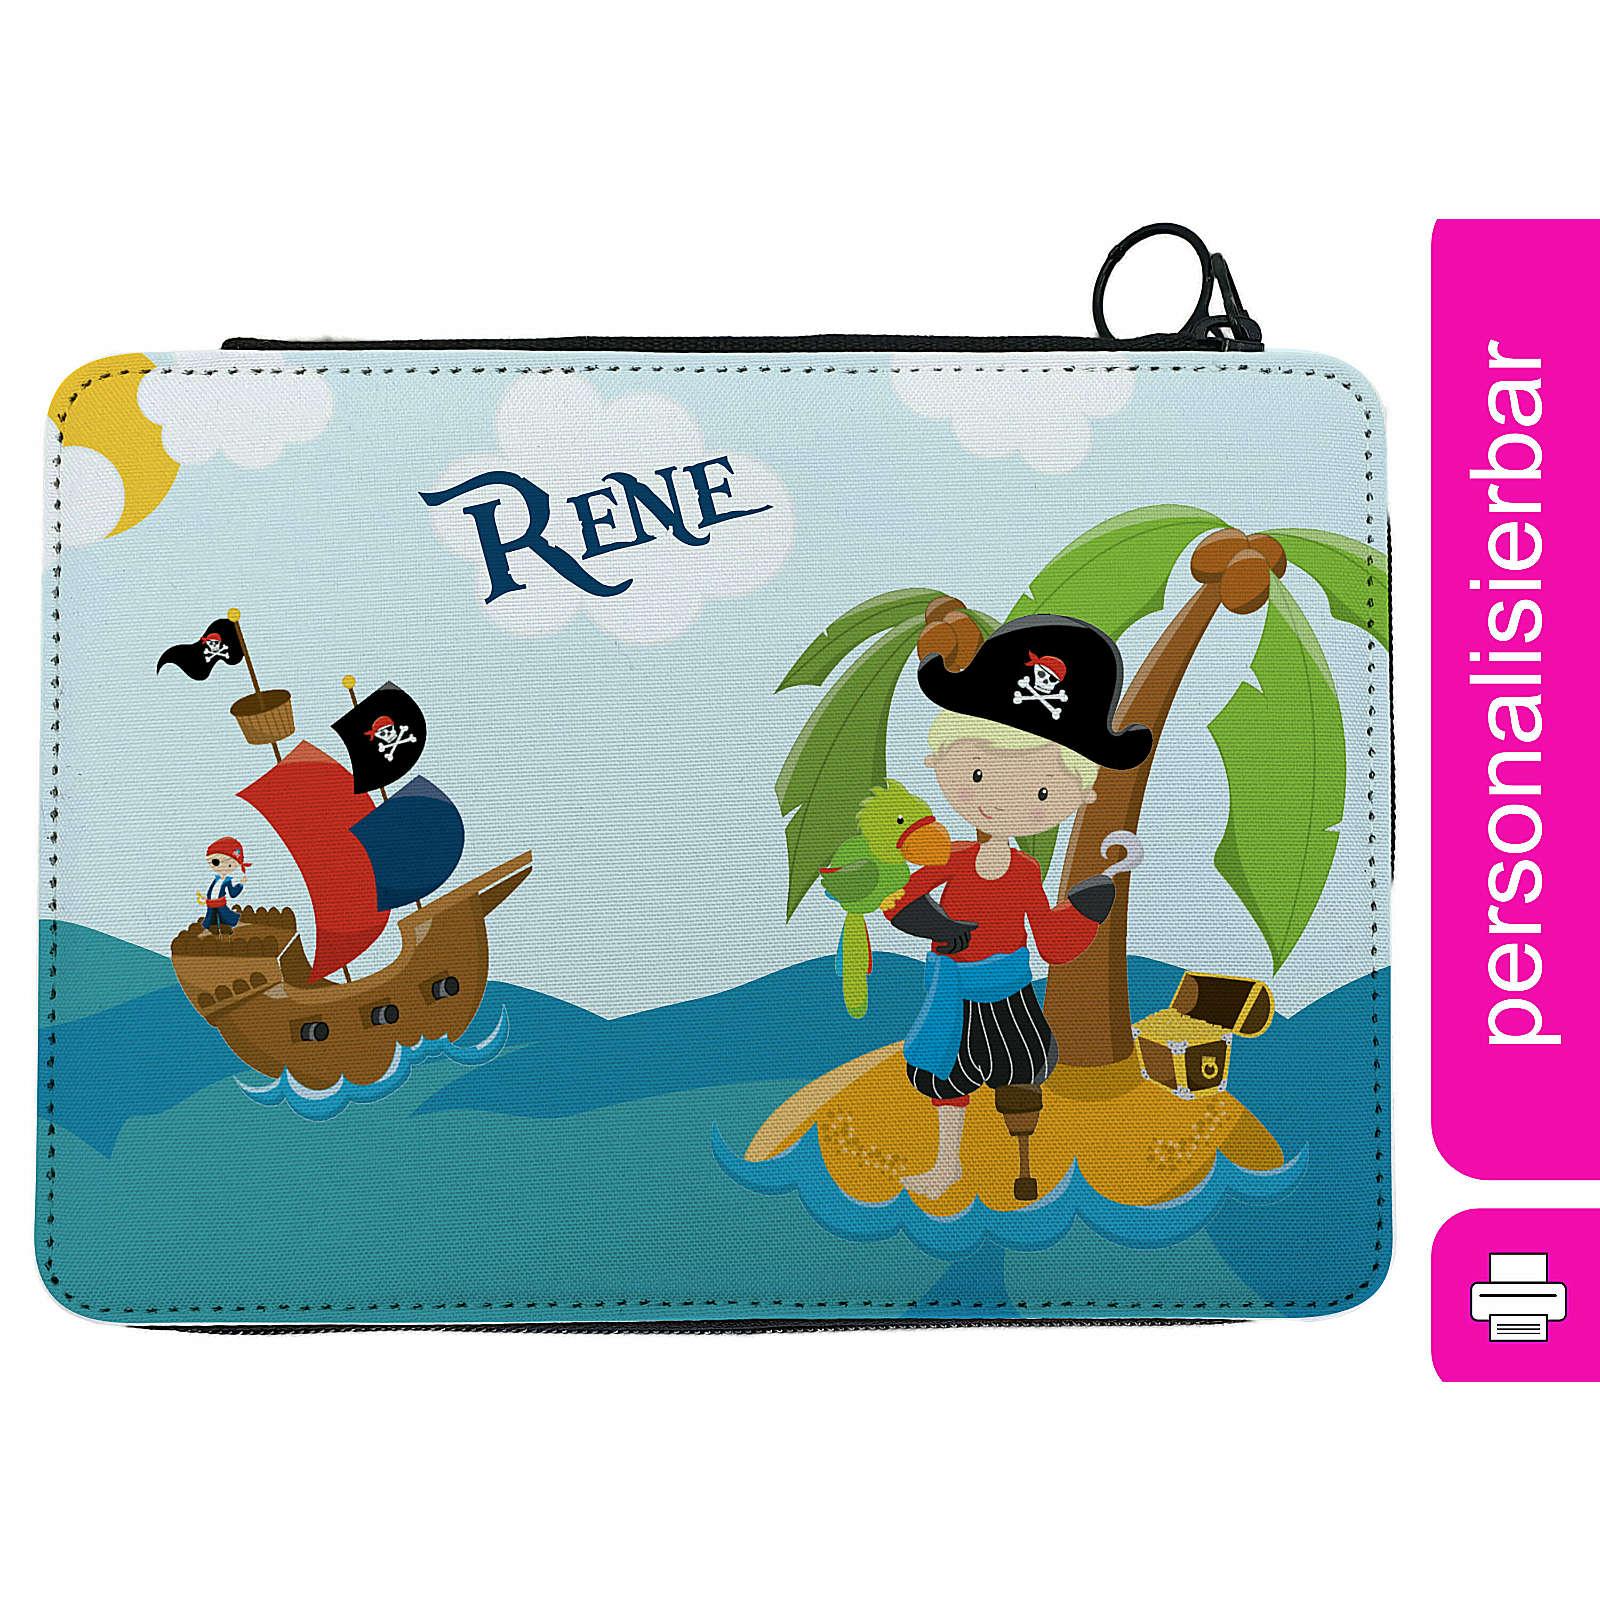 CreaDesign Federmäppchen personalisiert mit Namen Pirat nah befüllt mehrfarbig